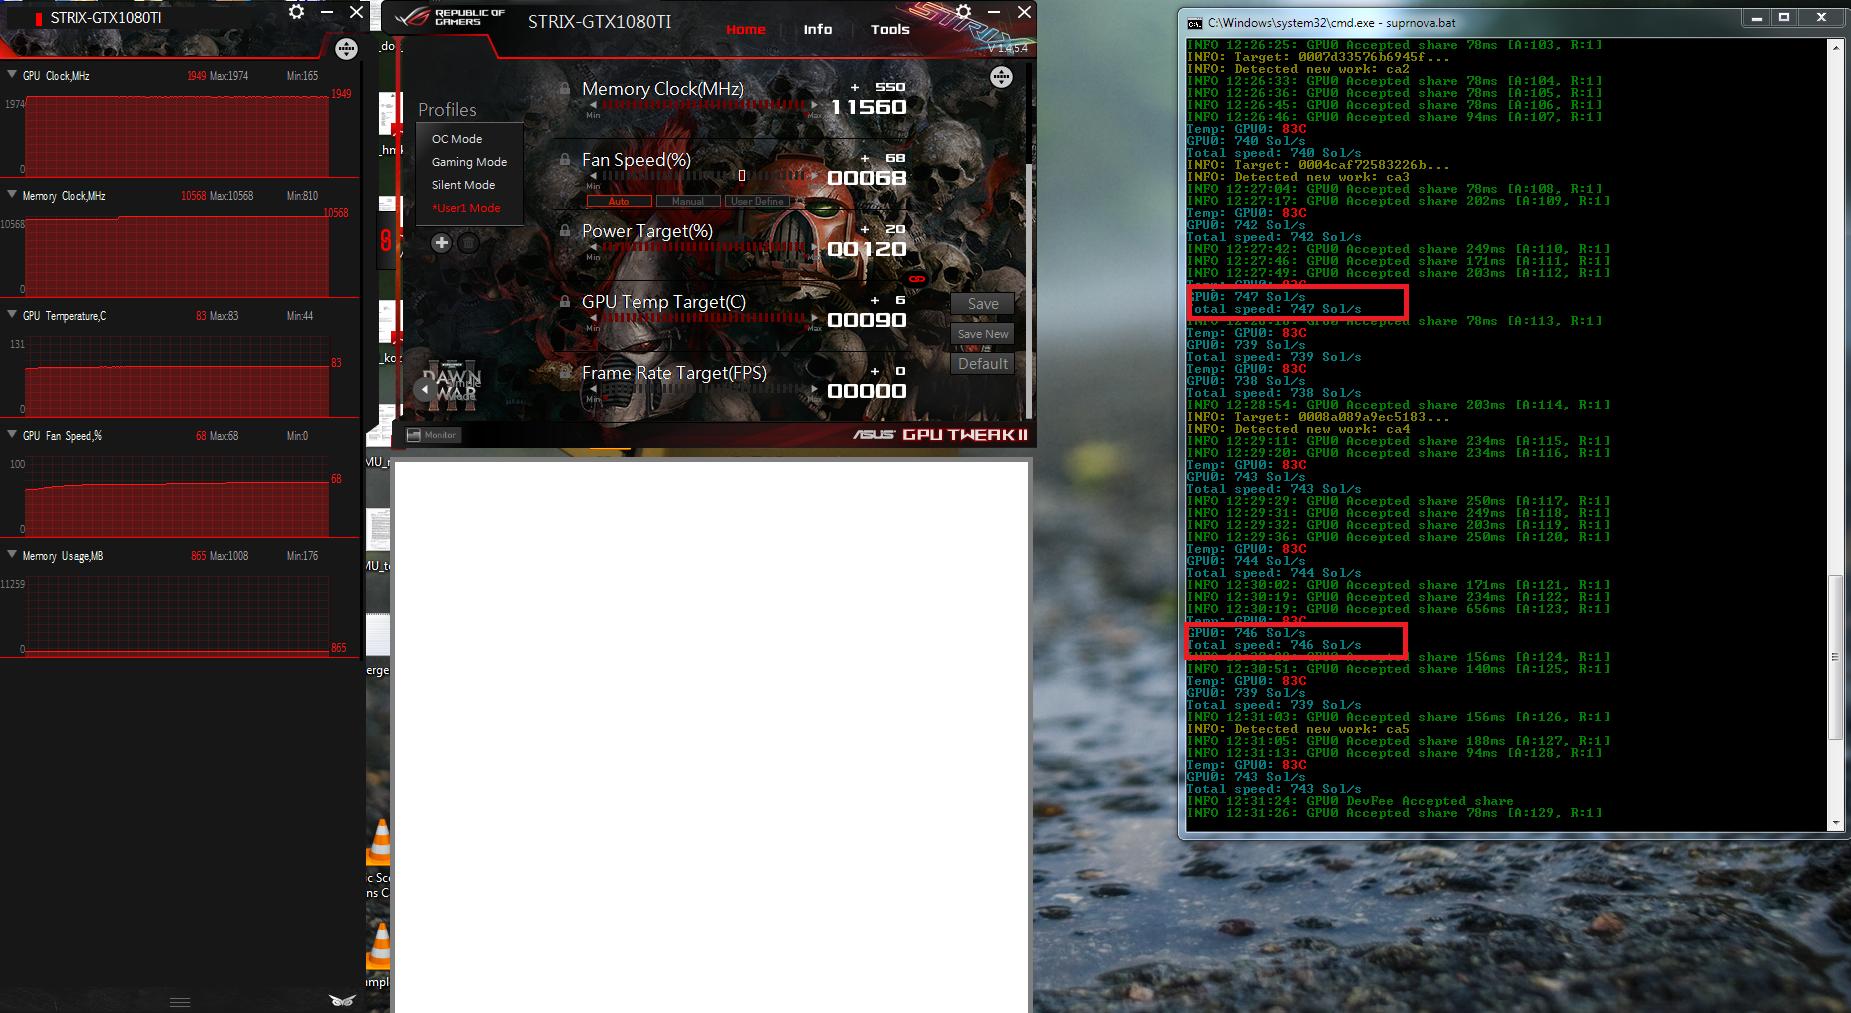 748 Sol/sec Zcash (equihash) teljesítmény egy GTX 1080 Ti kártyából